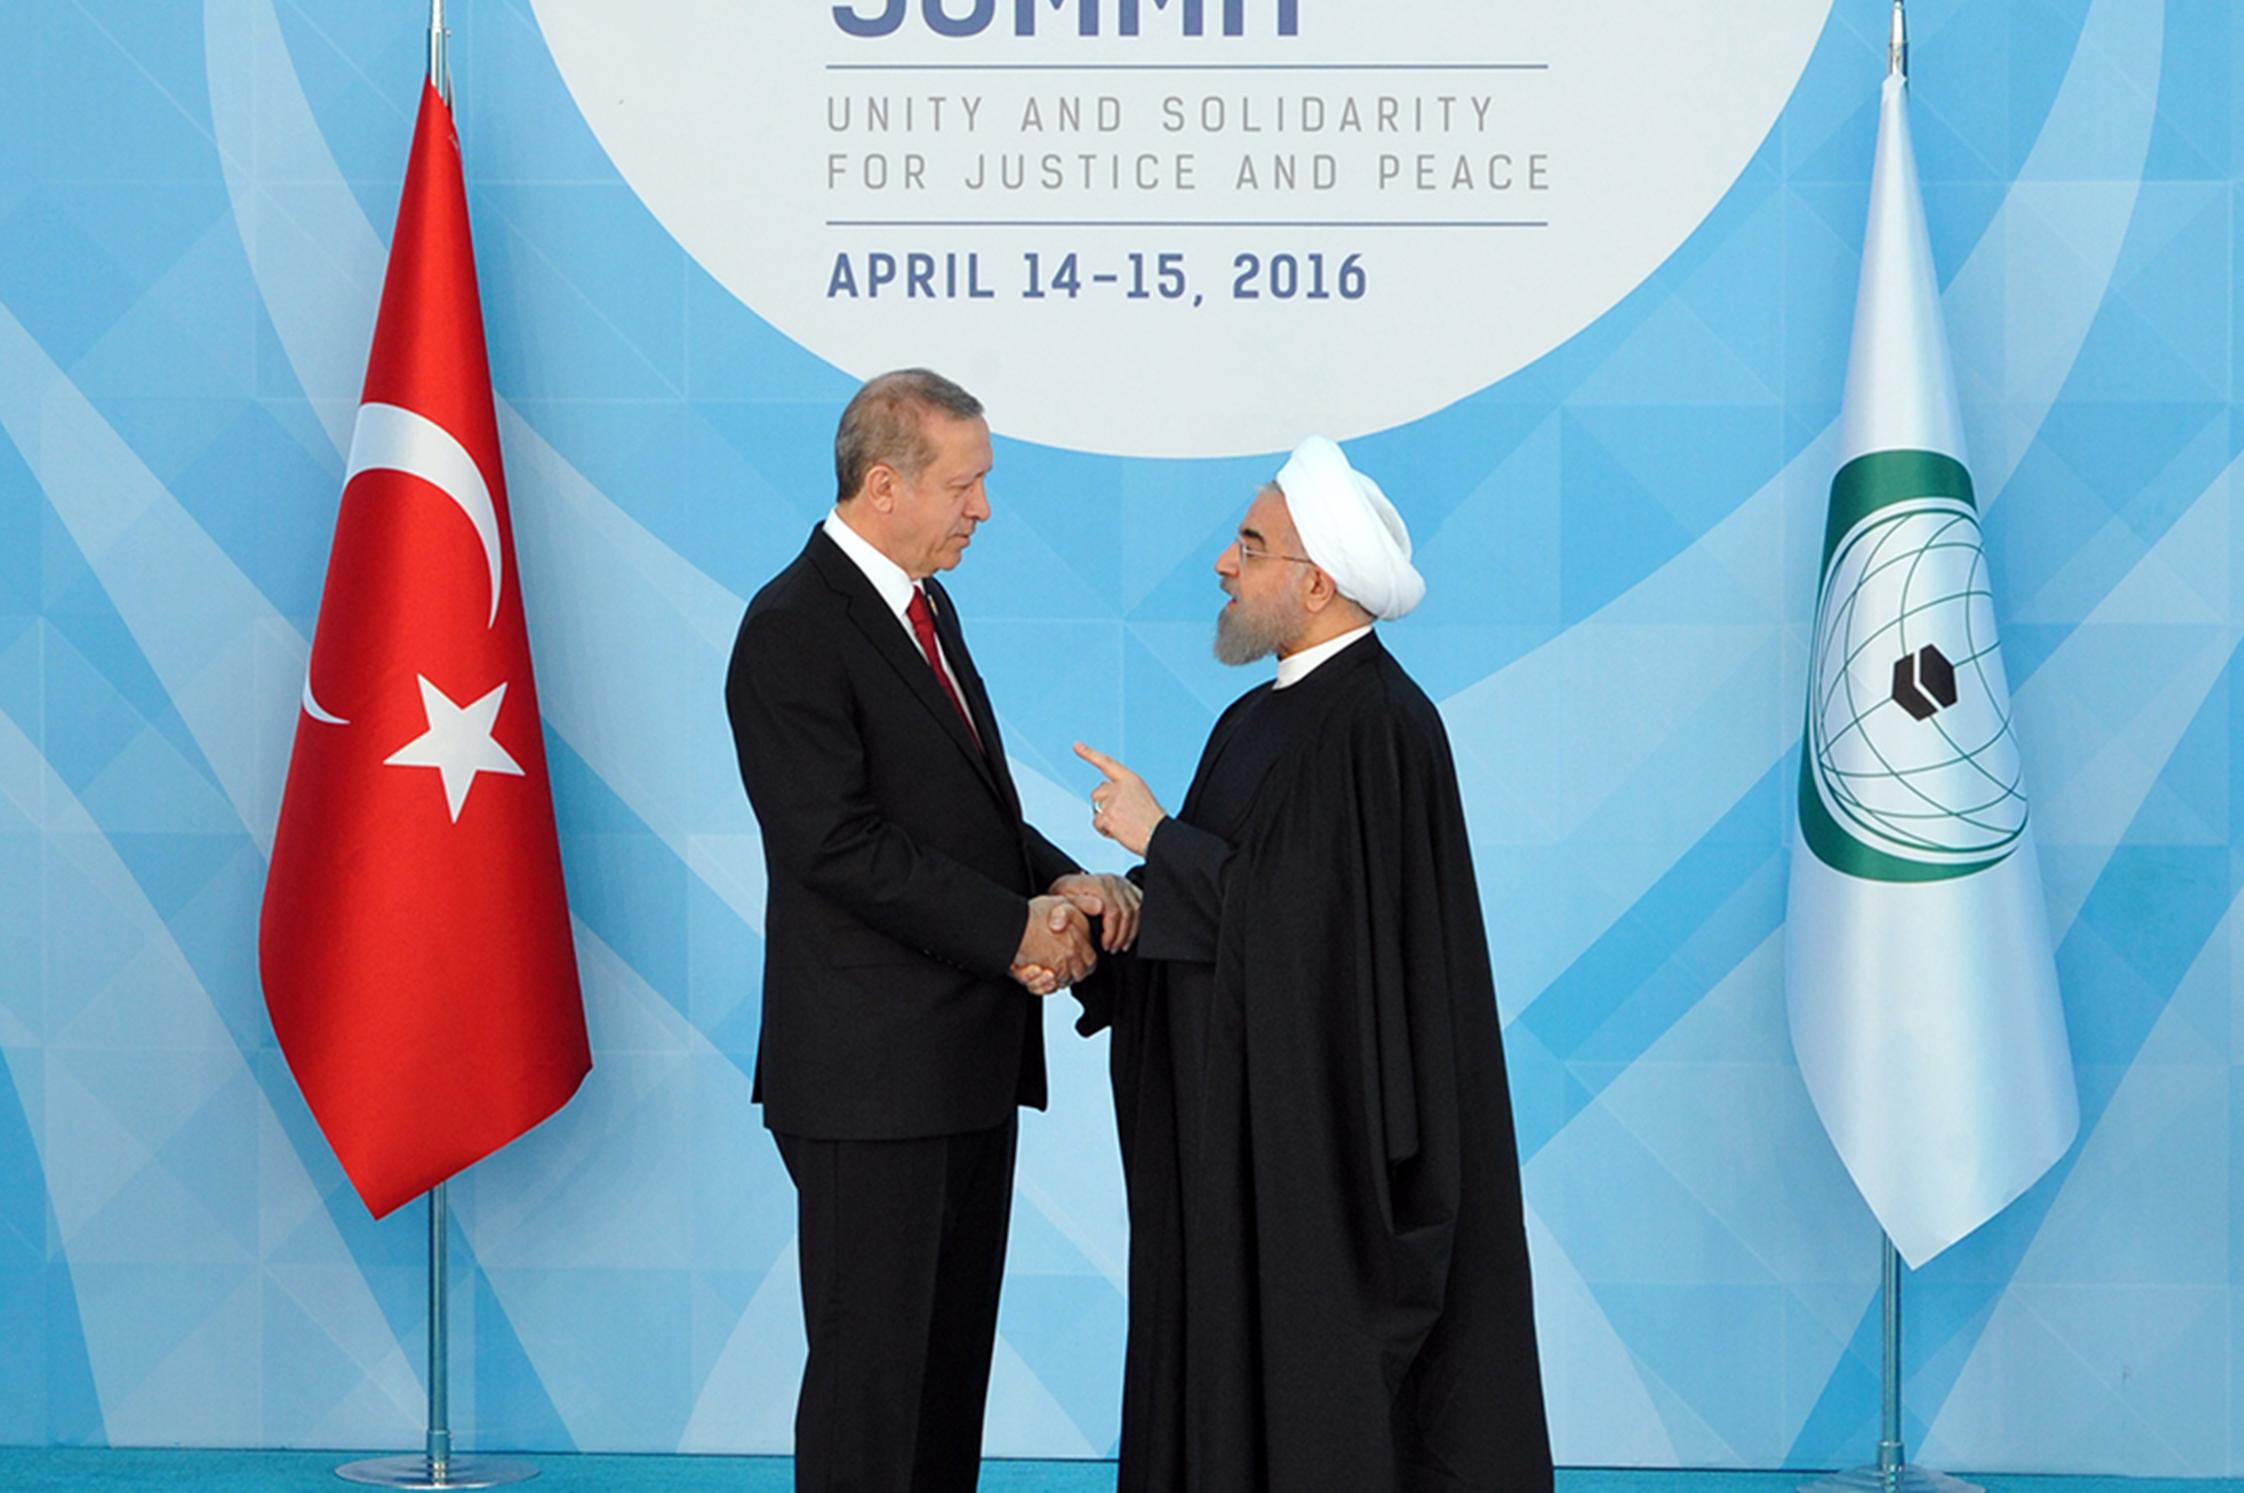 ماجرای عکس دکتر روحانی در دیدار با اردوغان که خبرساز شد / ژست پدر و پسری روحانی و اردوغان